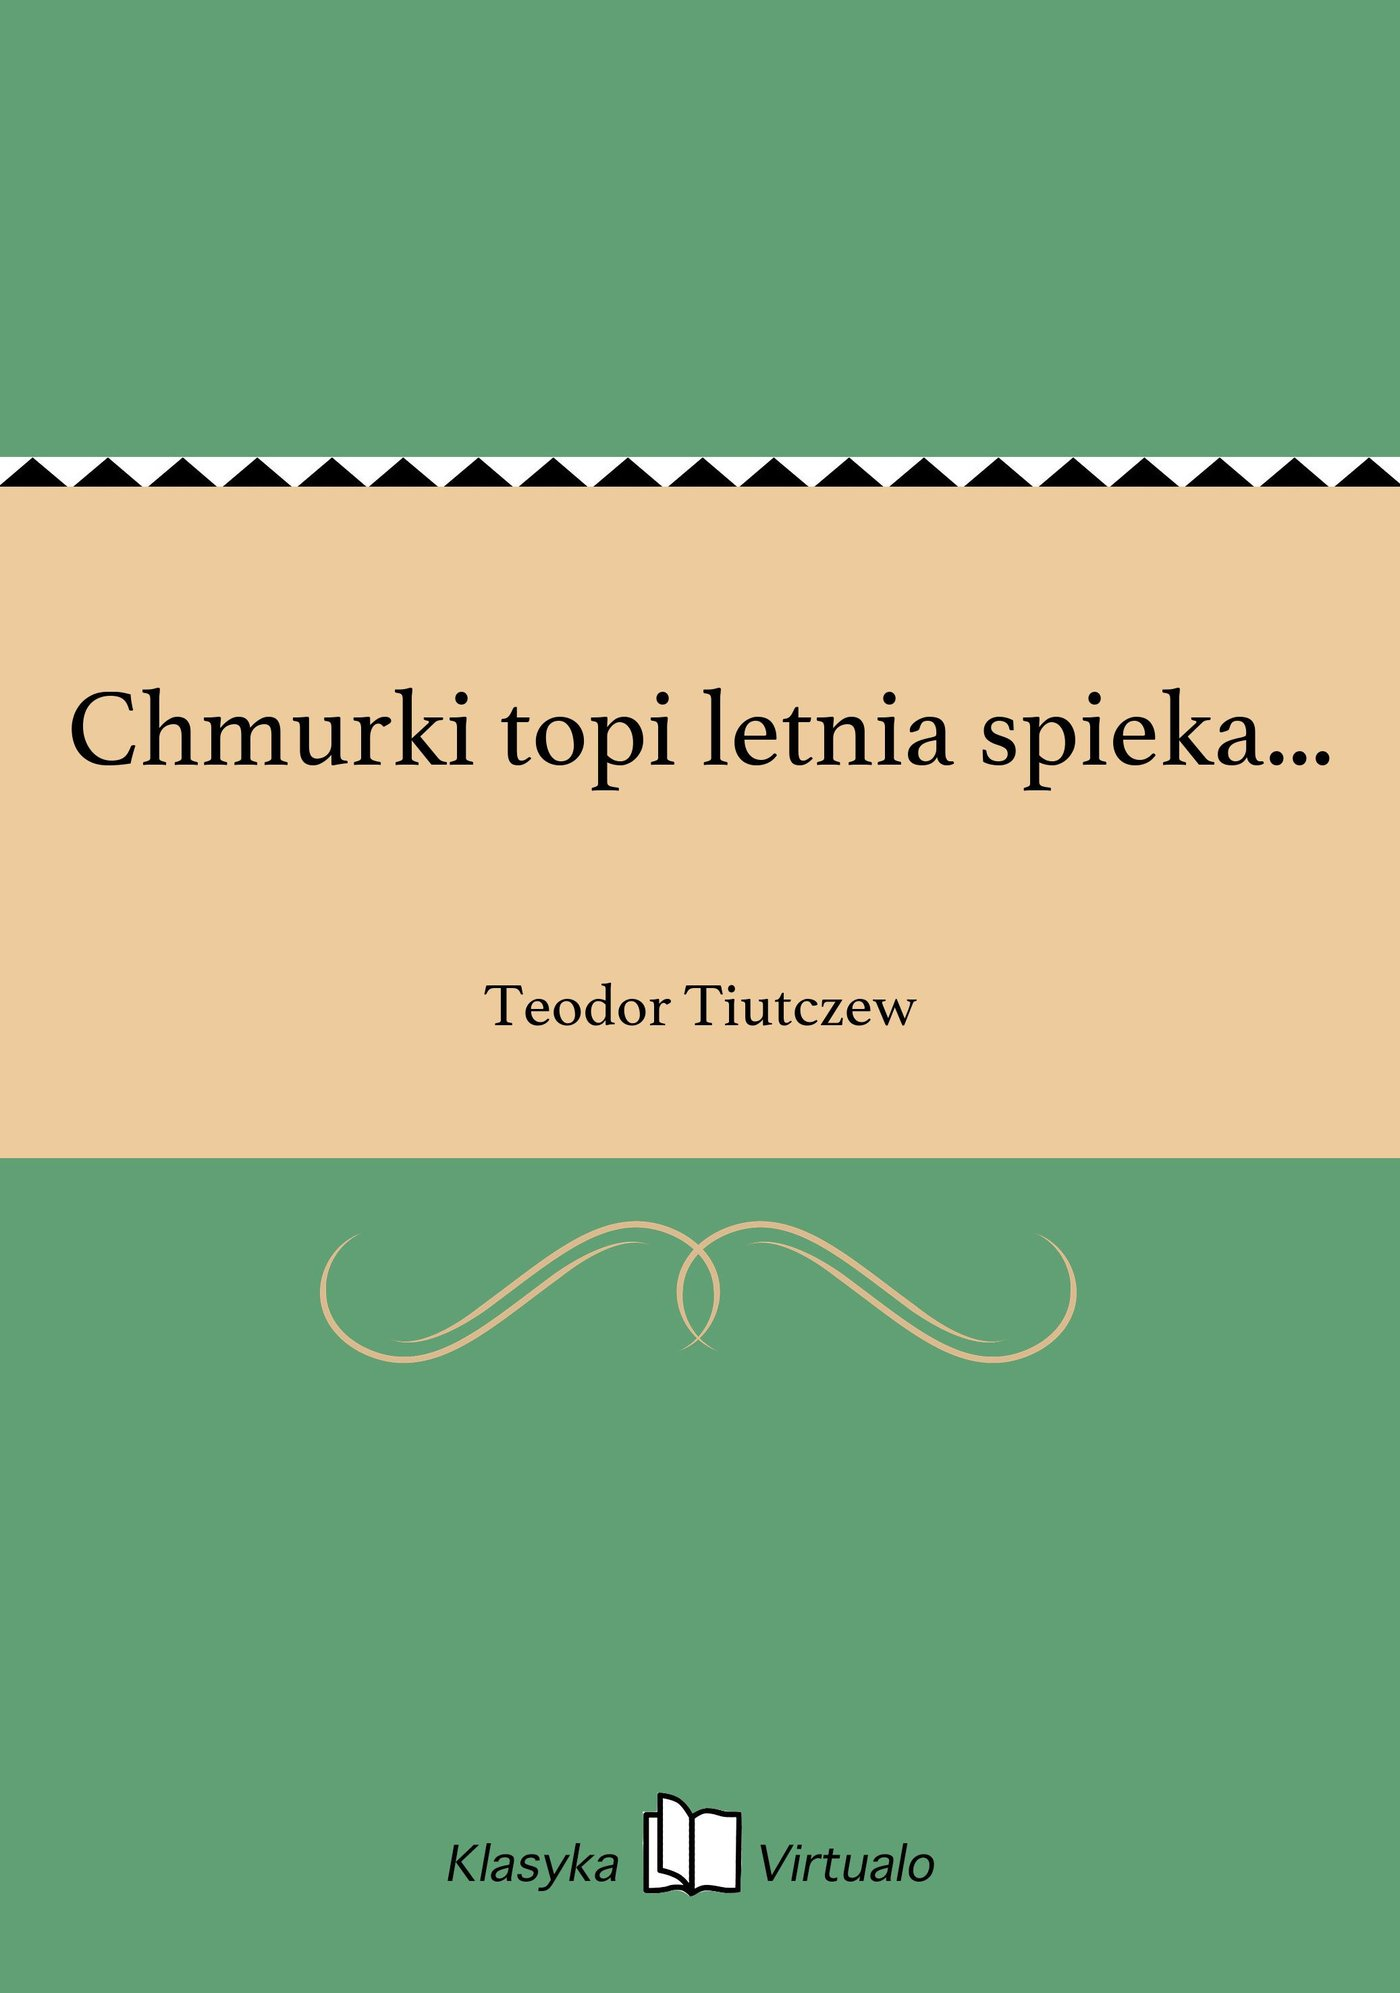 Chmurki topi letnia spieka... - Ebook (Książka EPUB) do pobrania w formacie EPUB